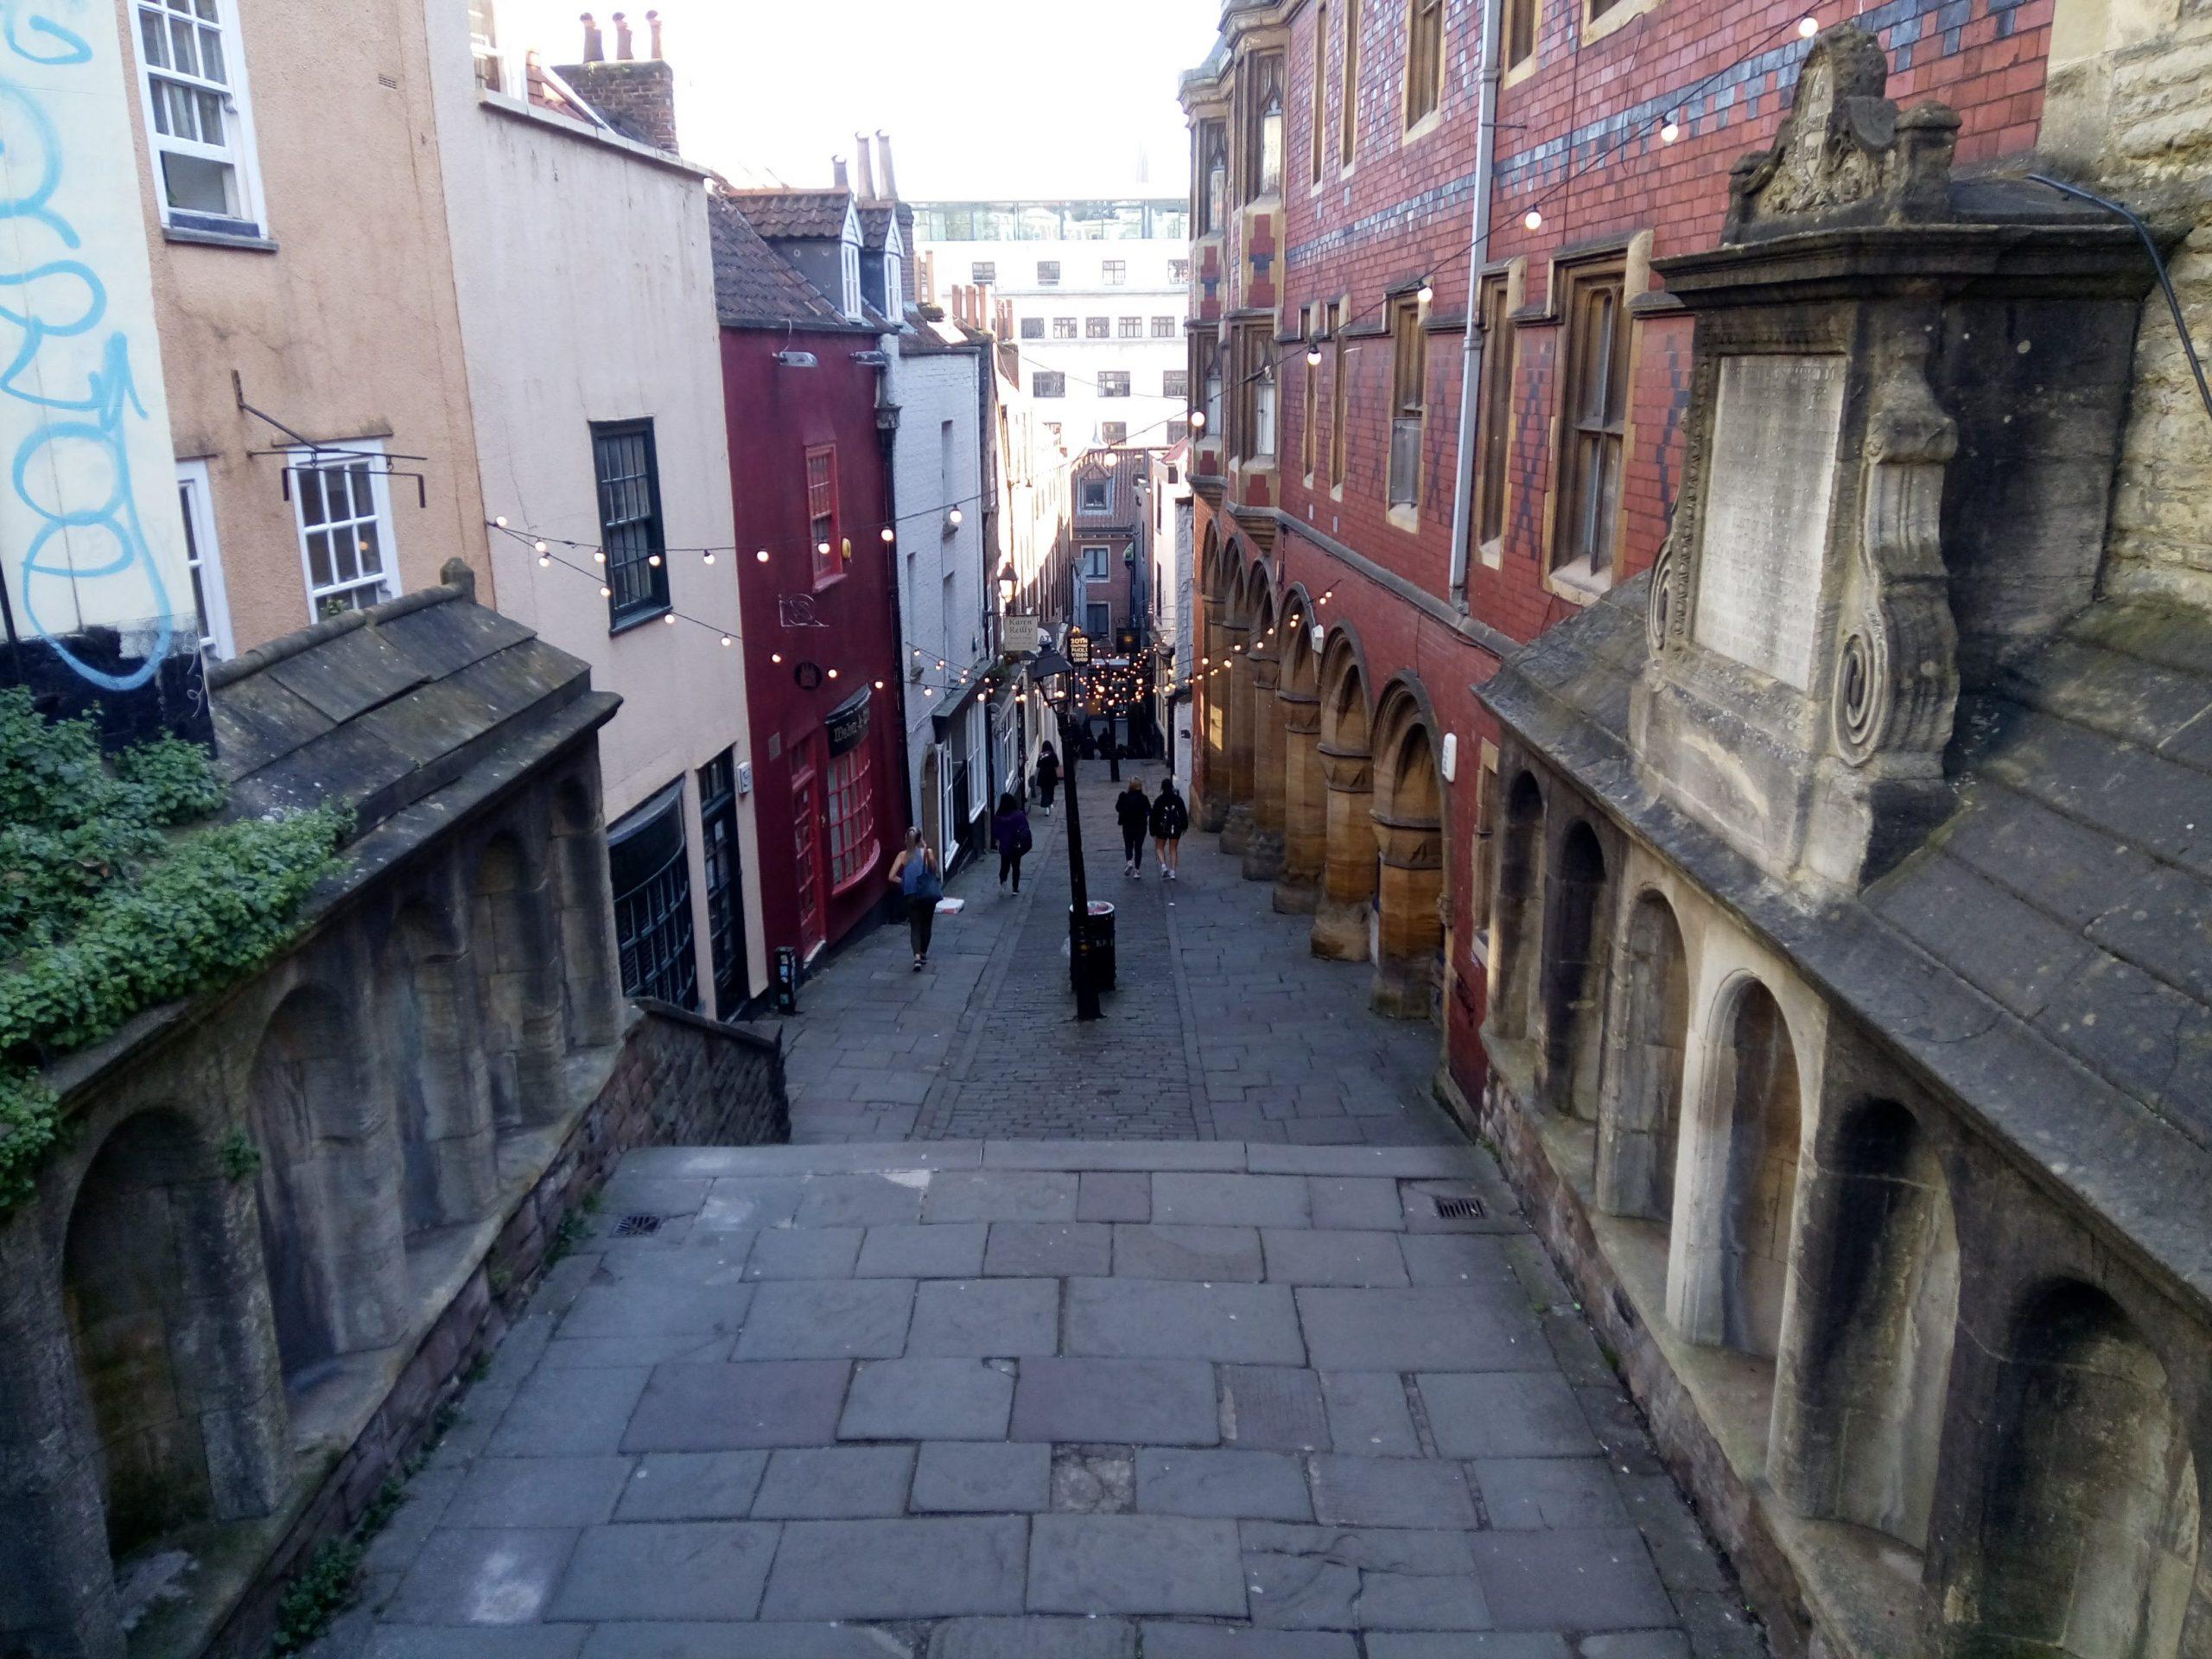 Christmas Steps, Bristol, SW England